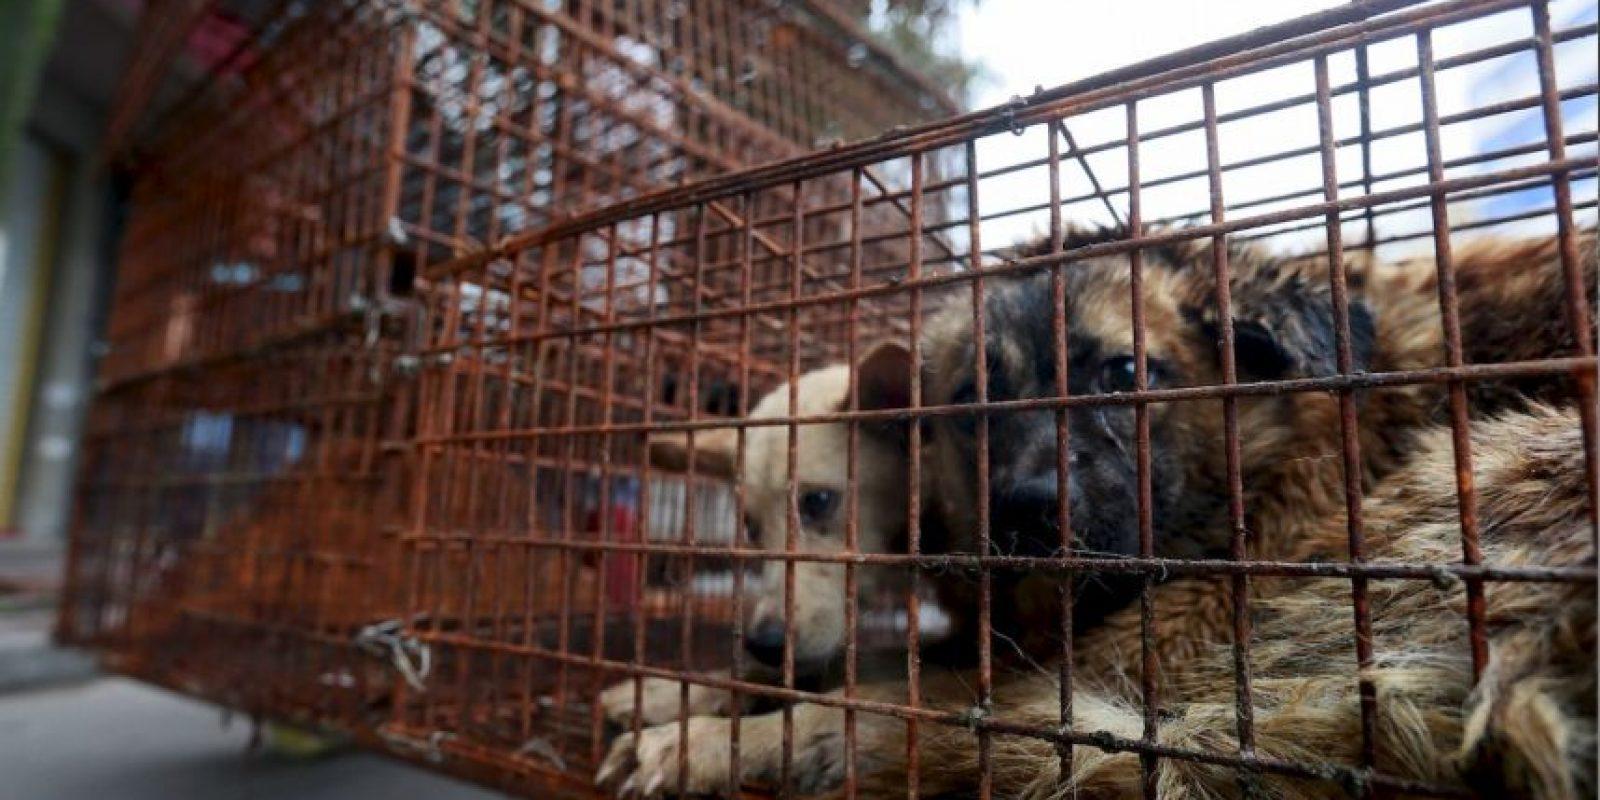 Cada año se sacrifican cerca de 10 mil perros, de acuerdo a activistas protectores de animales Foto:AP